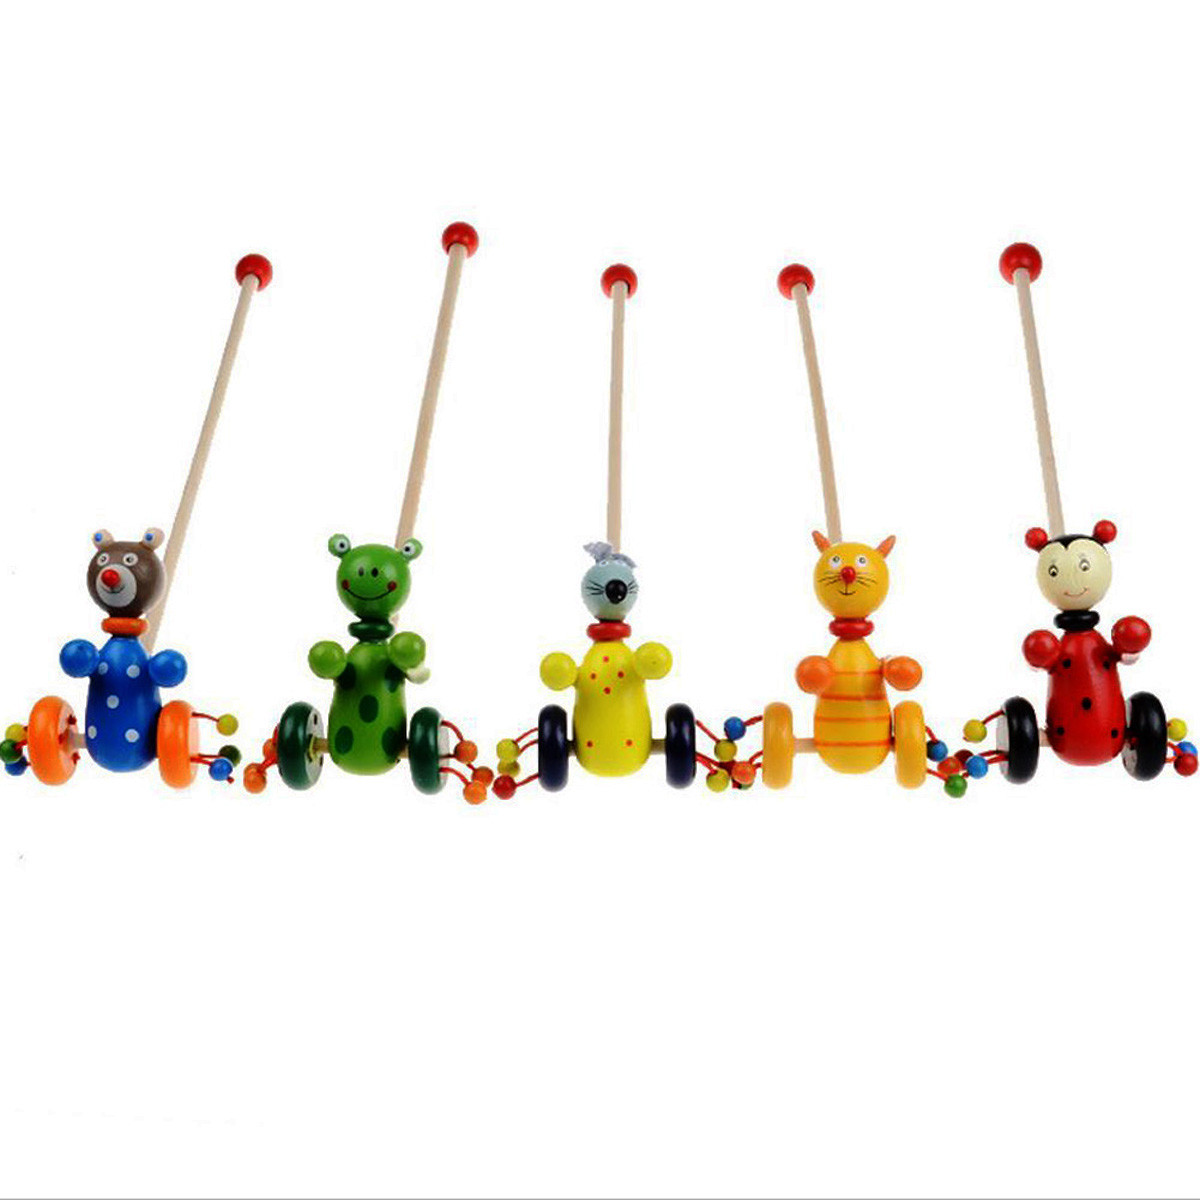 estilo caliente diy interactiva animales nio beb animal de juguete carro del empuje de madera